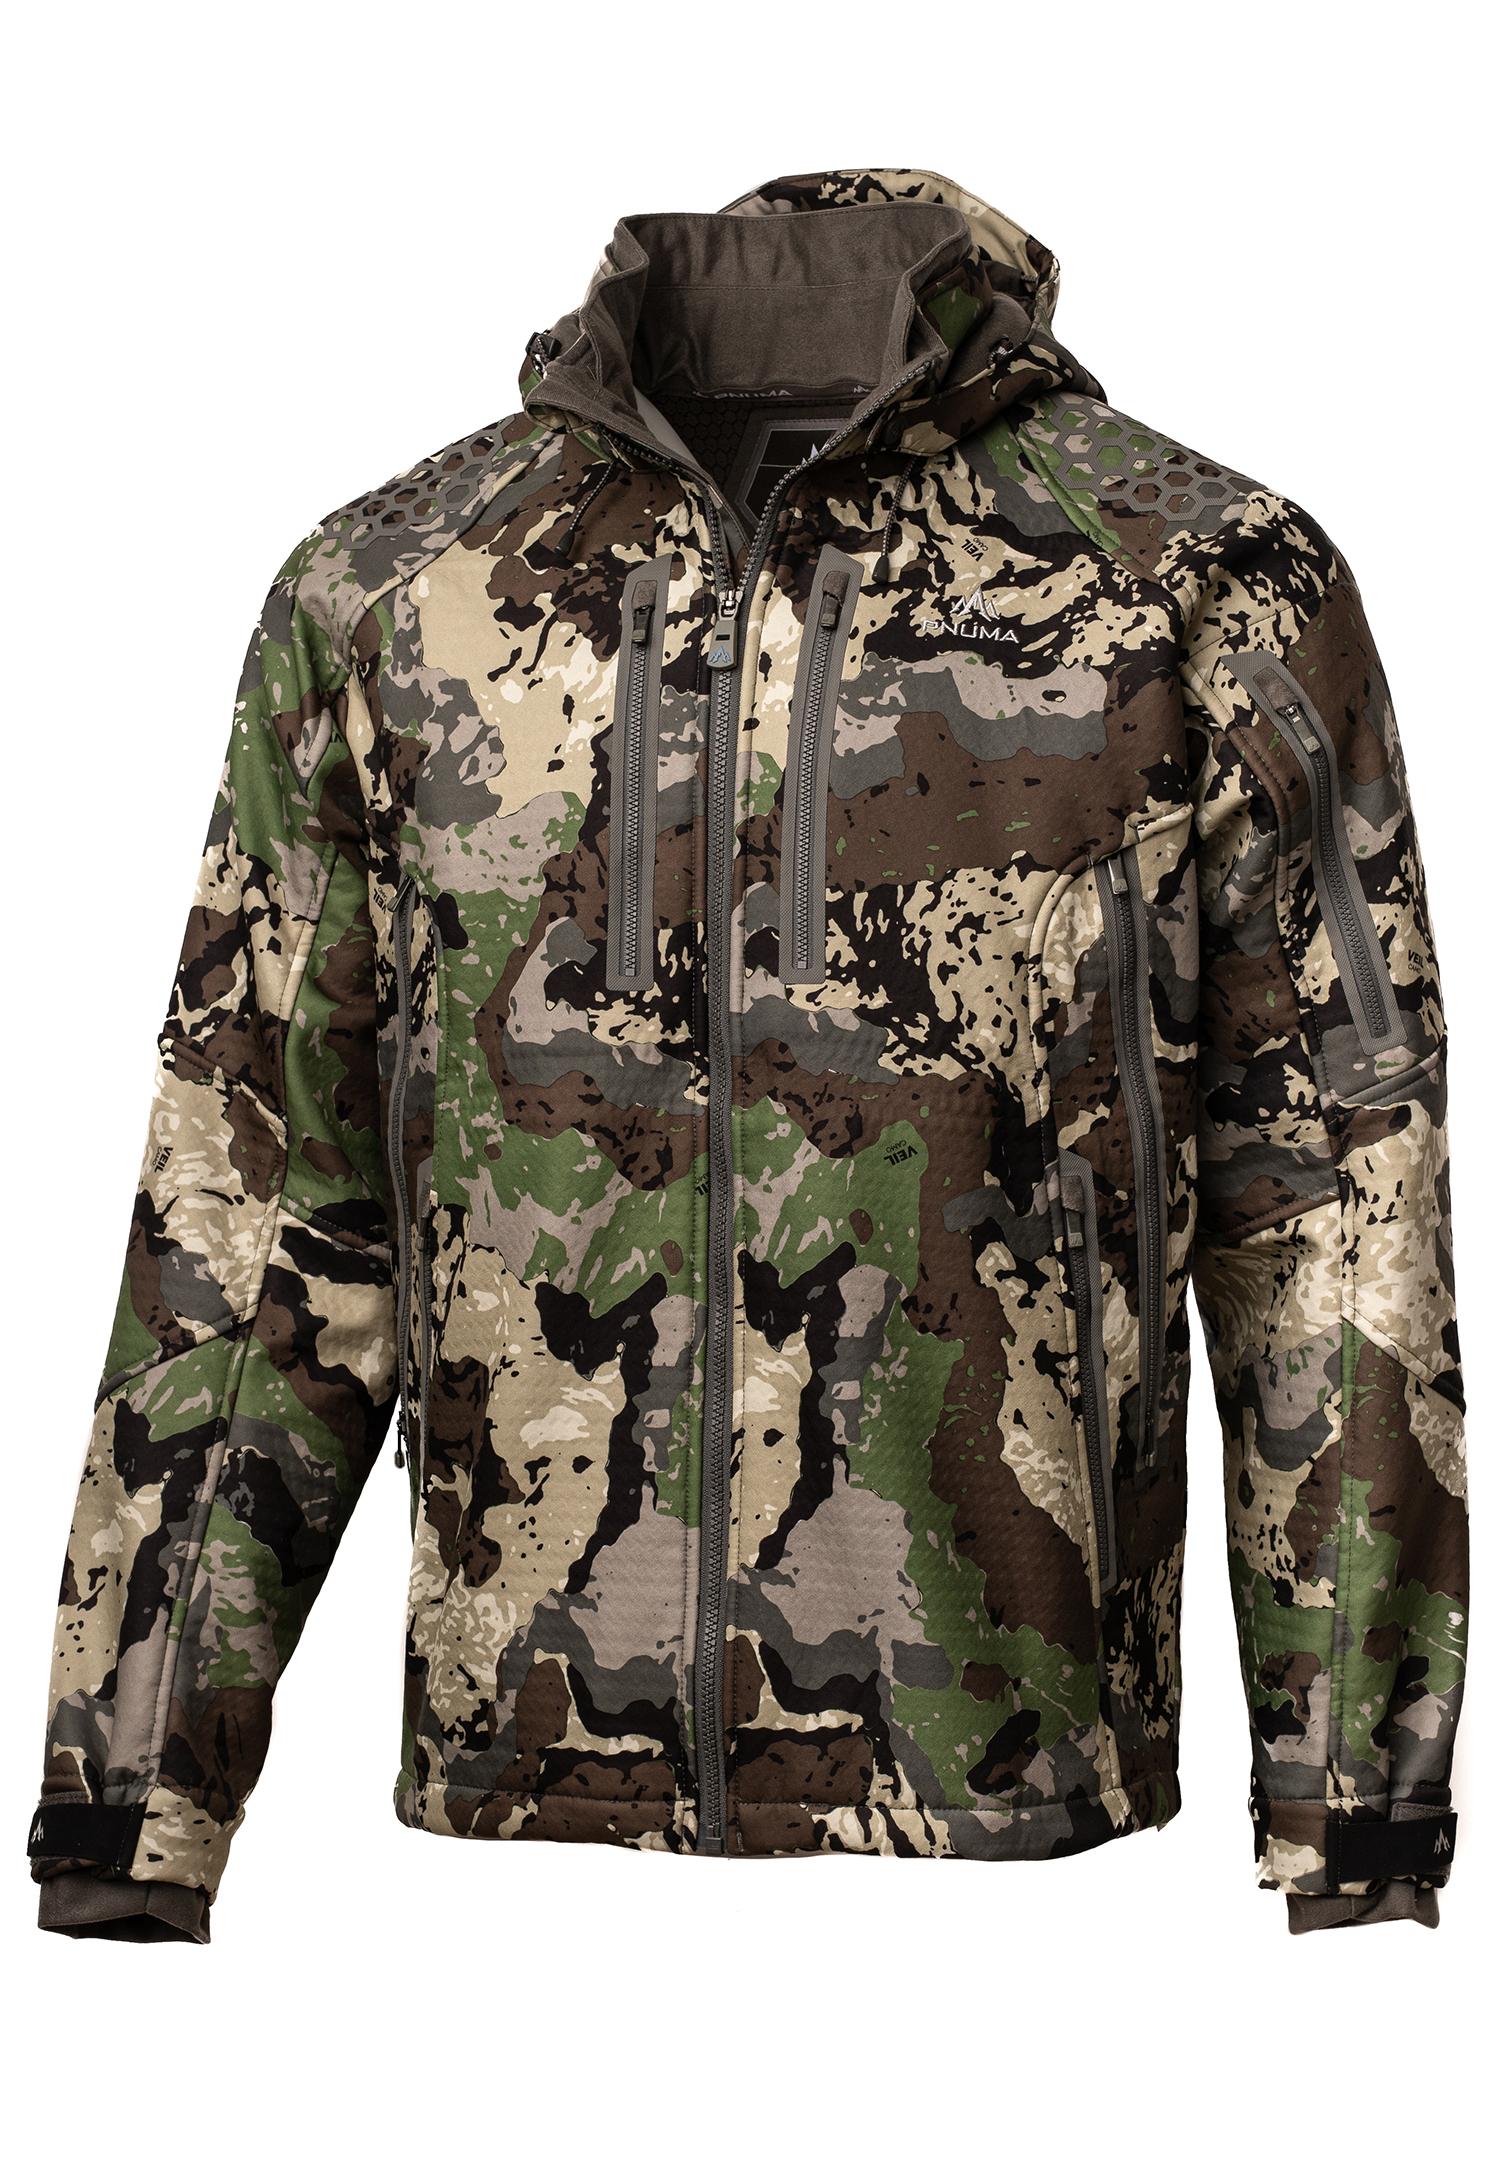 Waypoint Jacket